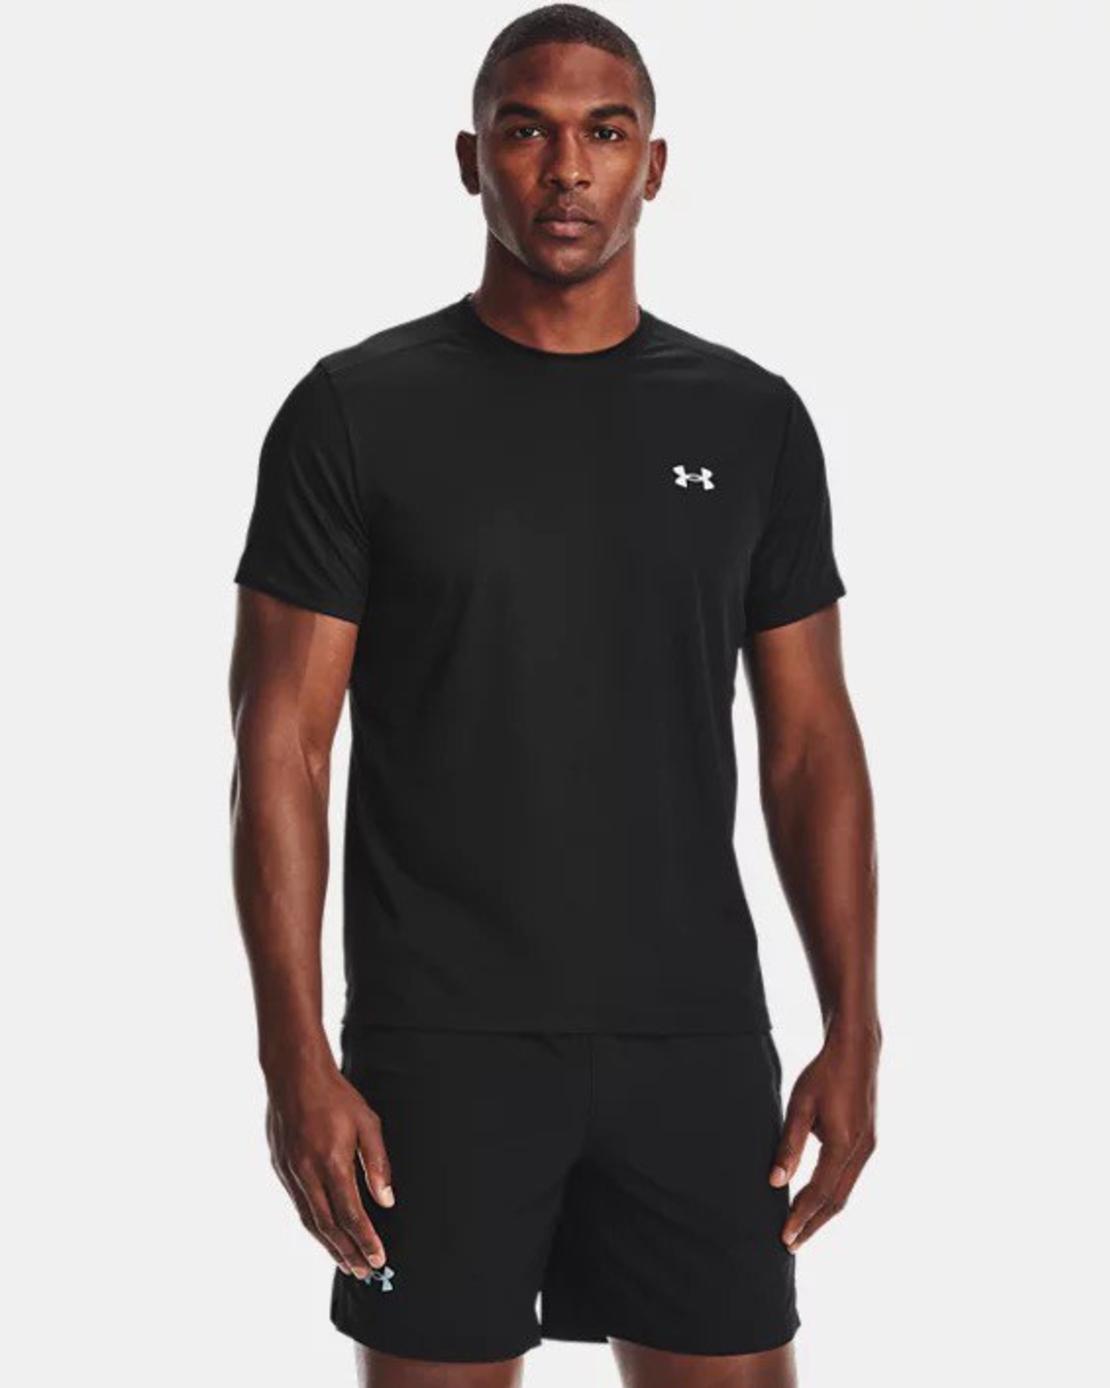 חולצת אנדר ארמור גברים   Under Armour Speed Stride Short Sleeve